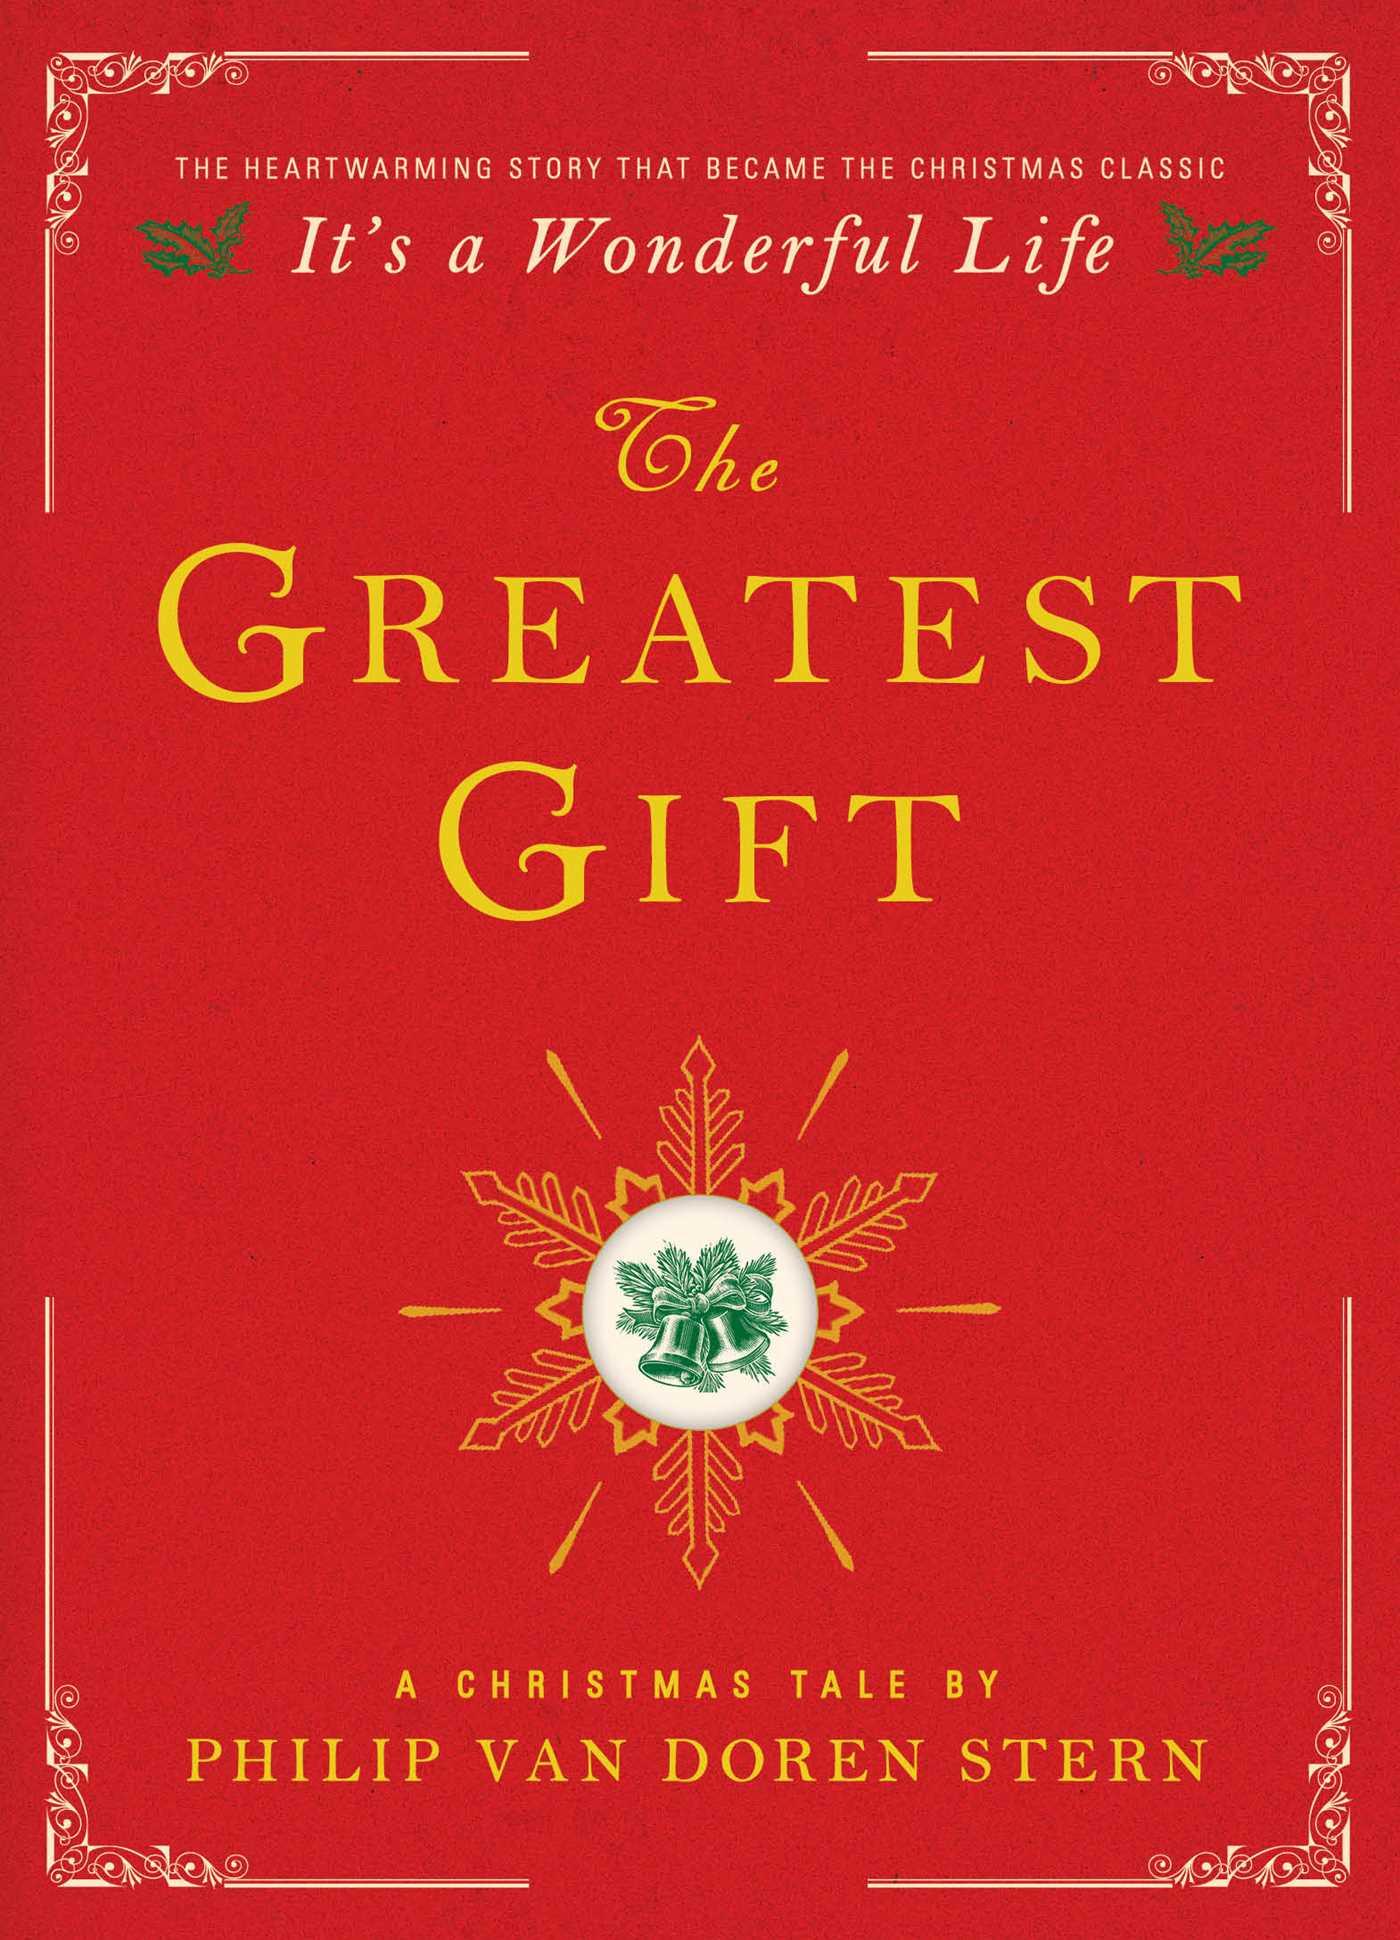 Greatest gift 9781476778860 hr